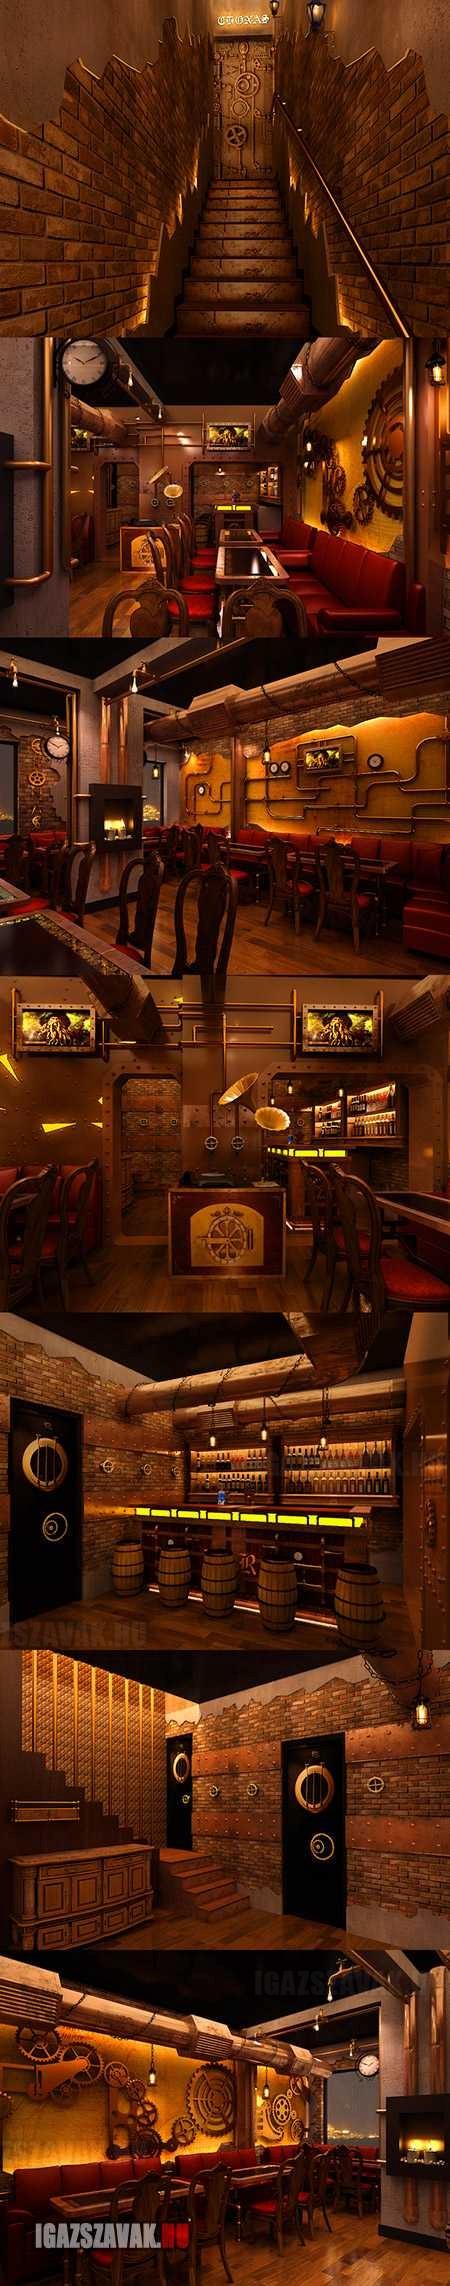 Steampunk étterem Újdelhiben